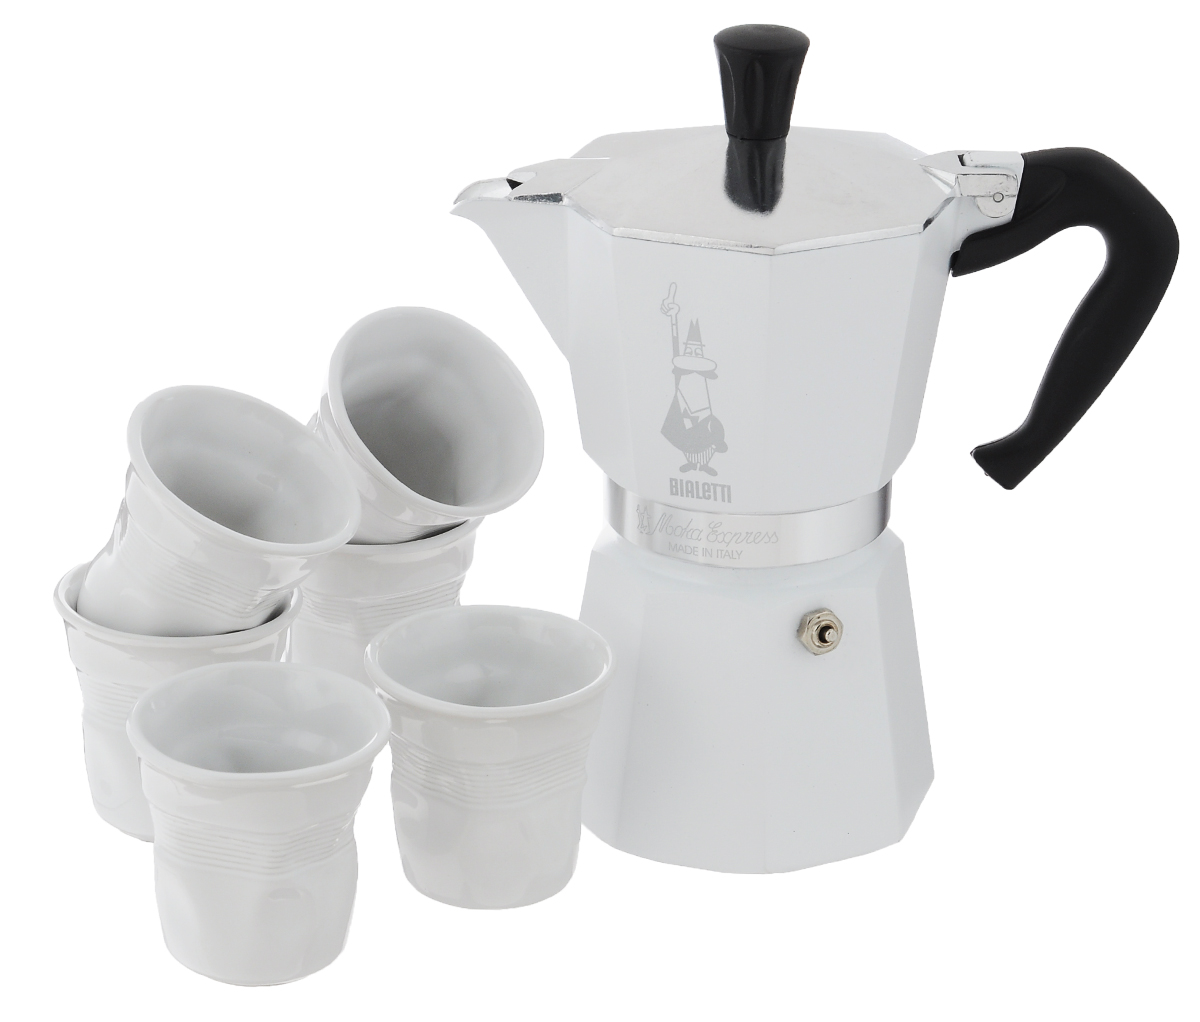 Набор посуды Bialetti Moka, цвет: белый, стальной, 7 предметов4030Набор посуды Bialetti Moka включает в себя гейзерную кофеварку и 6 чашек для кофе. Компактная гейзерная кофеварка изготовлена извысококачественного алюминия. Изделиеоснащено удобной ручкой из пластика. Кофейные чашки выполнены из высококачественной керамики.Принцип работы такой гейзерной кофеварки - кофе заваривается путеммногократного прохождения горячей воды или пара через слой молотого кофе.Удобство кофеварки в том, что вся кофейная гуща остается во внутренней емкости.Гейзерные кофеварки пользуются большой популярностью благодаря изысканномуаромату.Кофе получается крепкий и насыщенный.Теперь и дома вы сможете насладиться великолепным эспрессо.Подходит для газовых, электрических и стеклокерамических плит. Нельзя мыть впосудомоечной машине. Высота кофеварки: 22 см. Диаметр дна кофеварки: 10 см. Диаметр чашек по верхнему краю: 6,5 см. Диаметр дна чашек: 3,7 см. Высота чашек: 6,4 см.